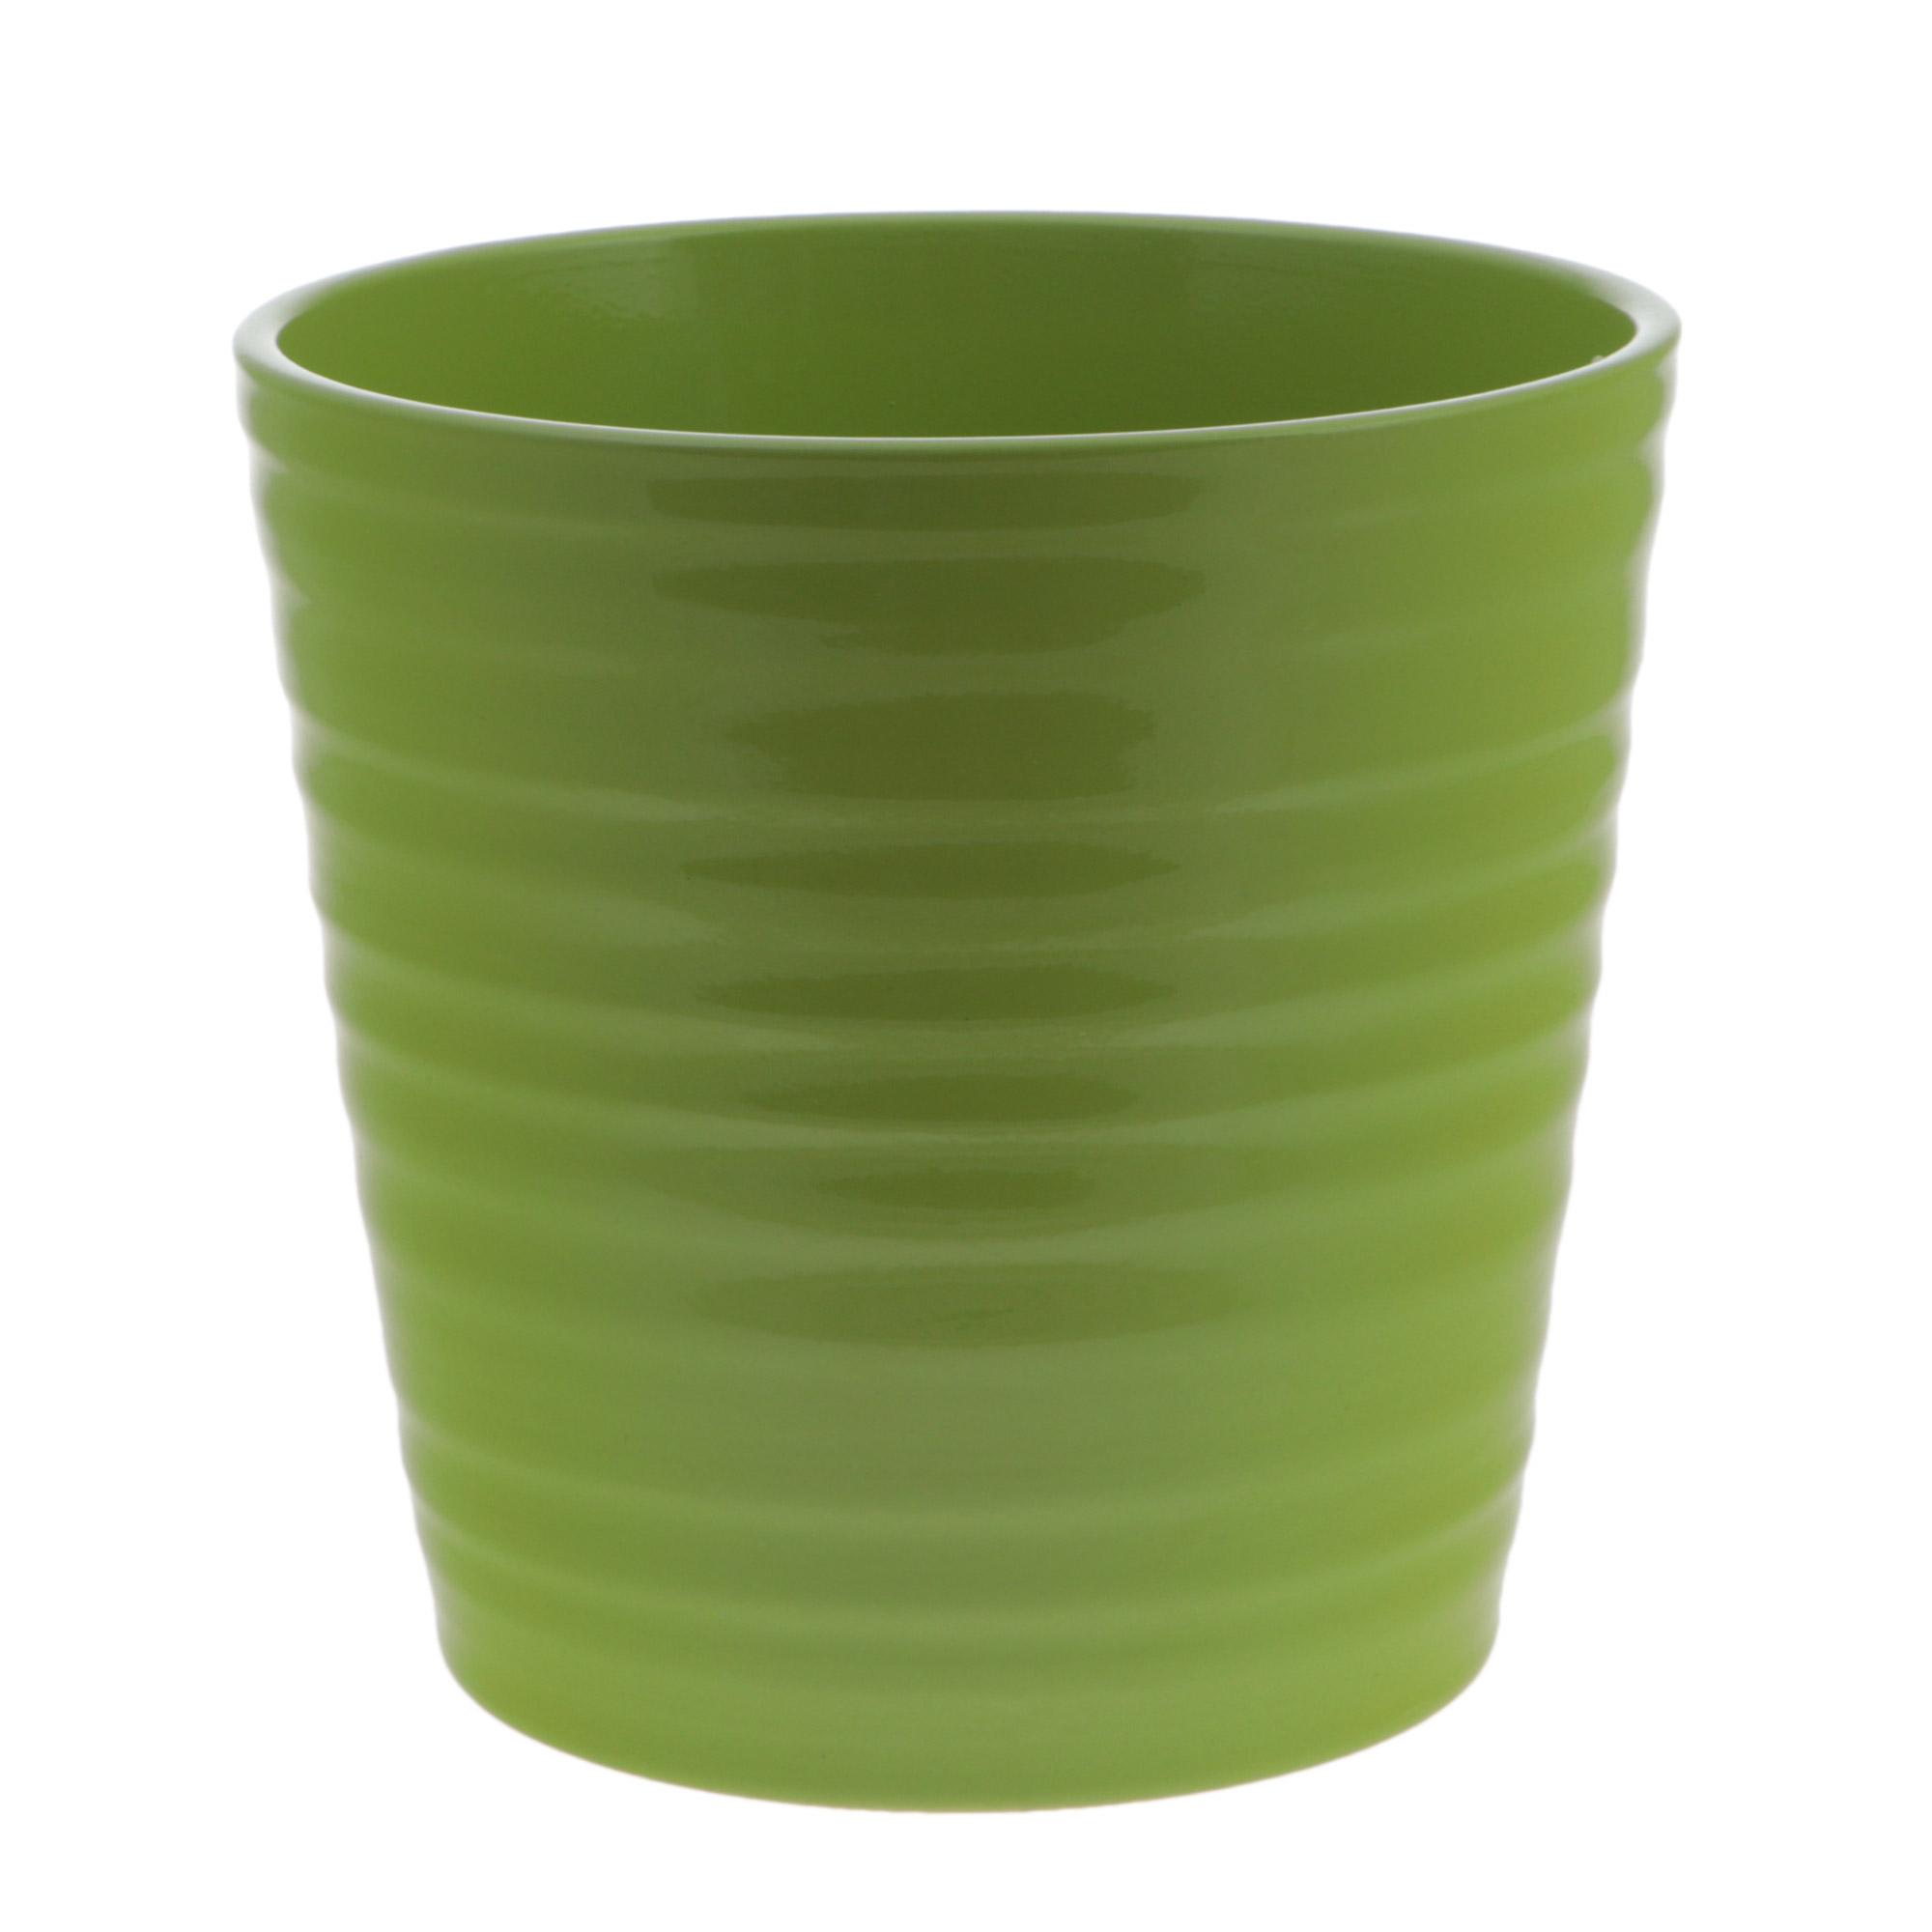 Кашпо Soendgen canberra d16 глянец зеленый недорого